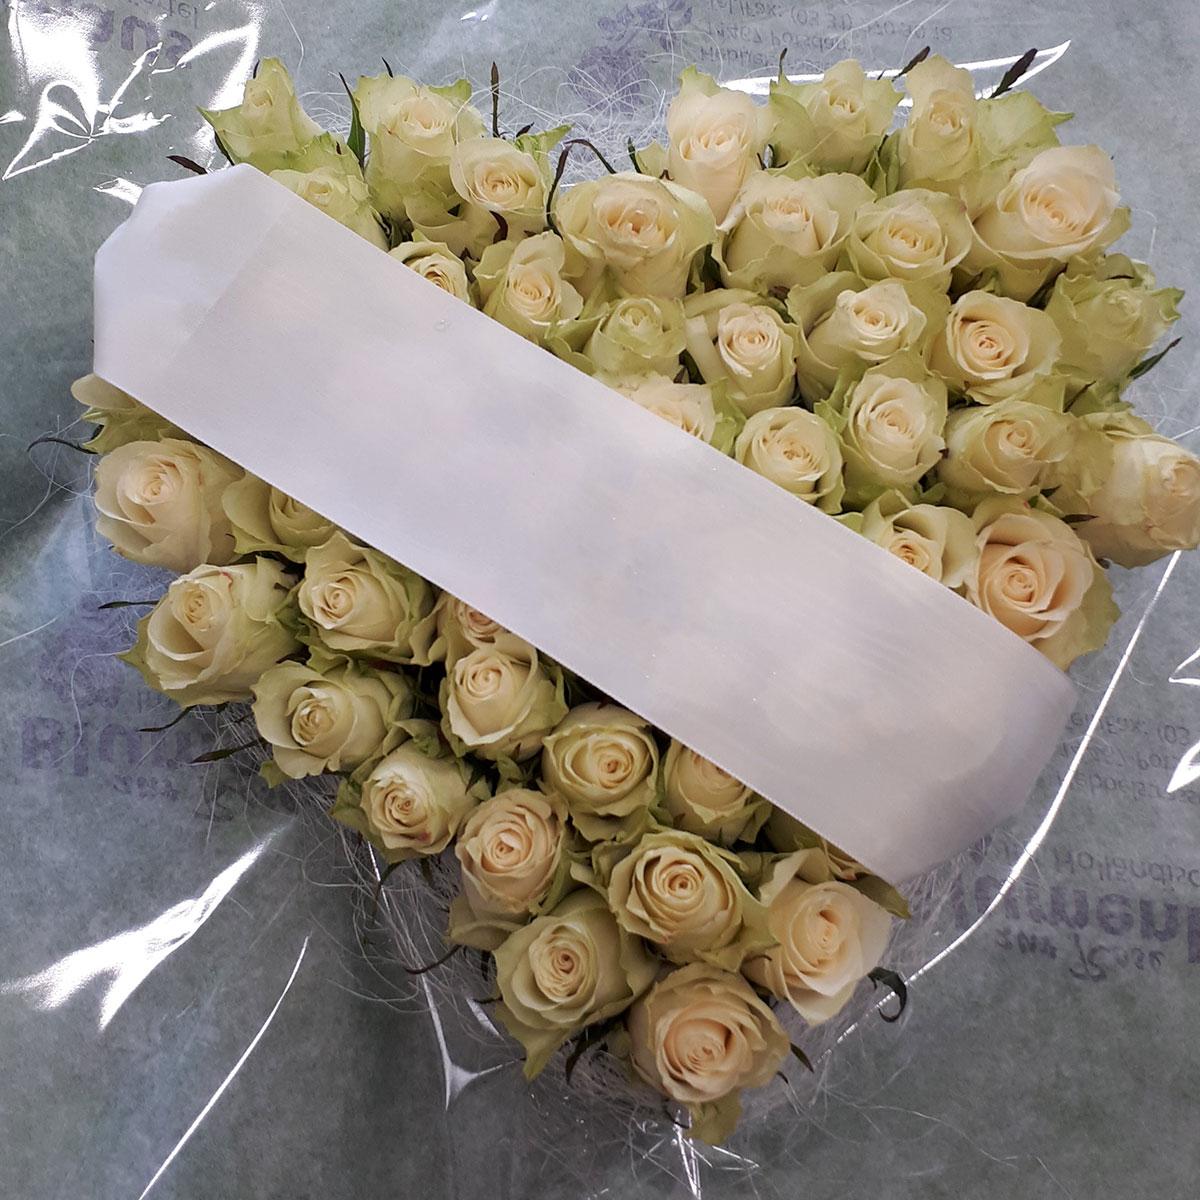 Rosen cremeweiss Gesteck Herzform